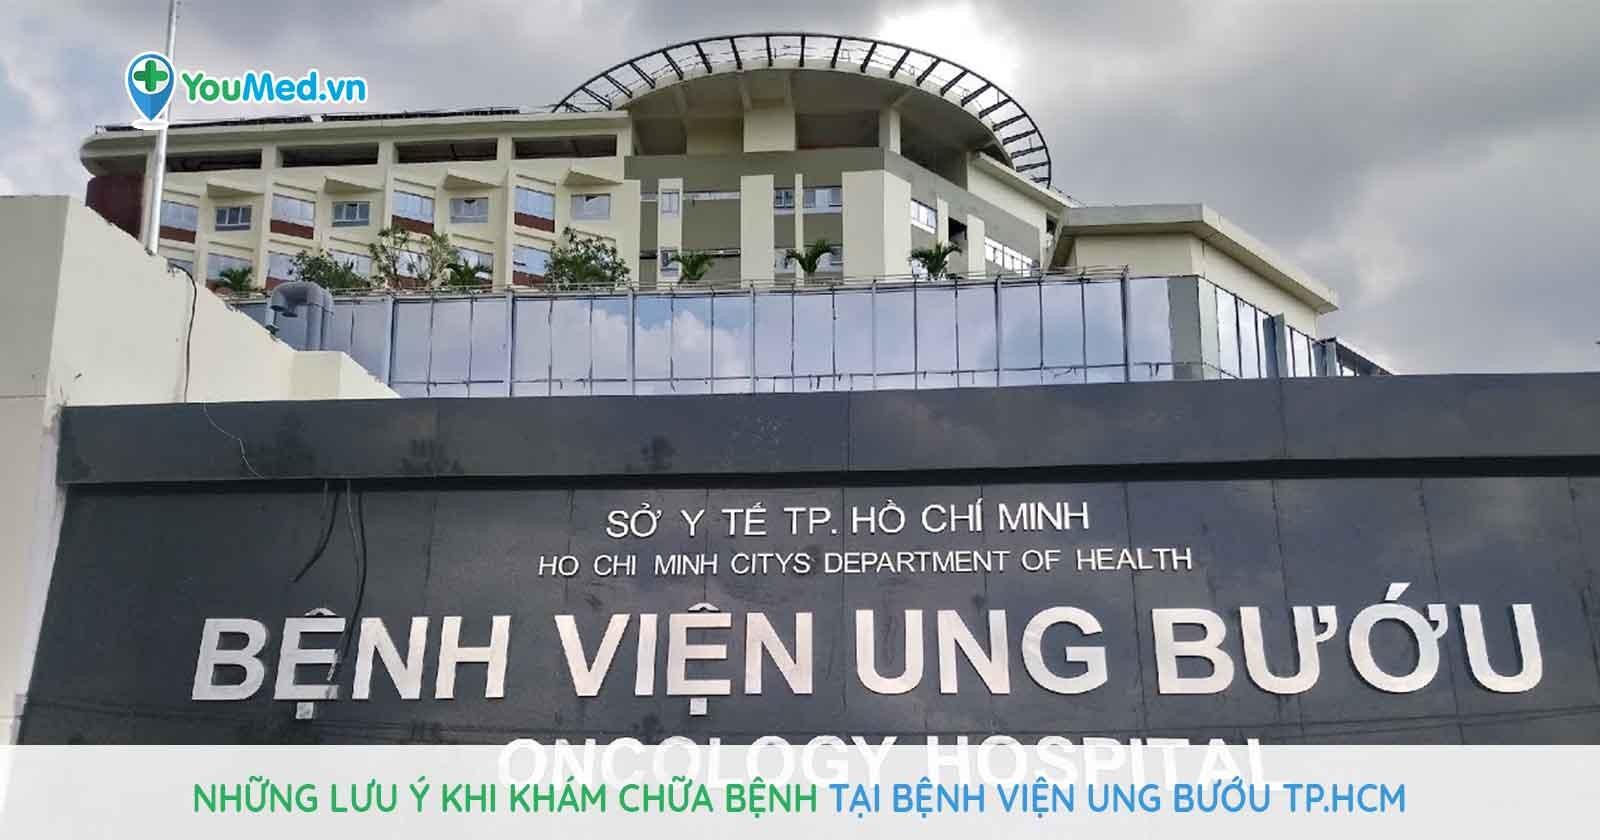 Những lưu ý khi khám chữa bệnh tại Bệnh viện Ung bướu TP.HCM